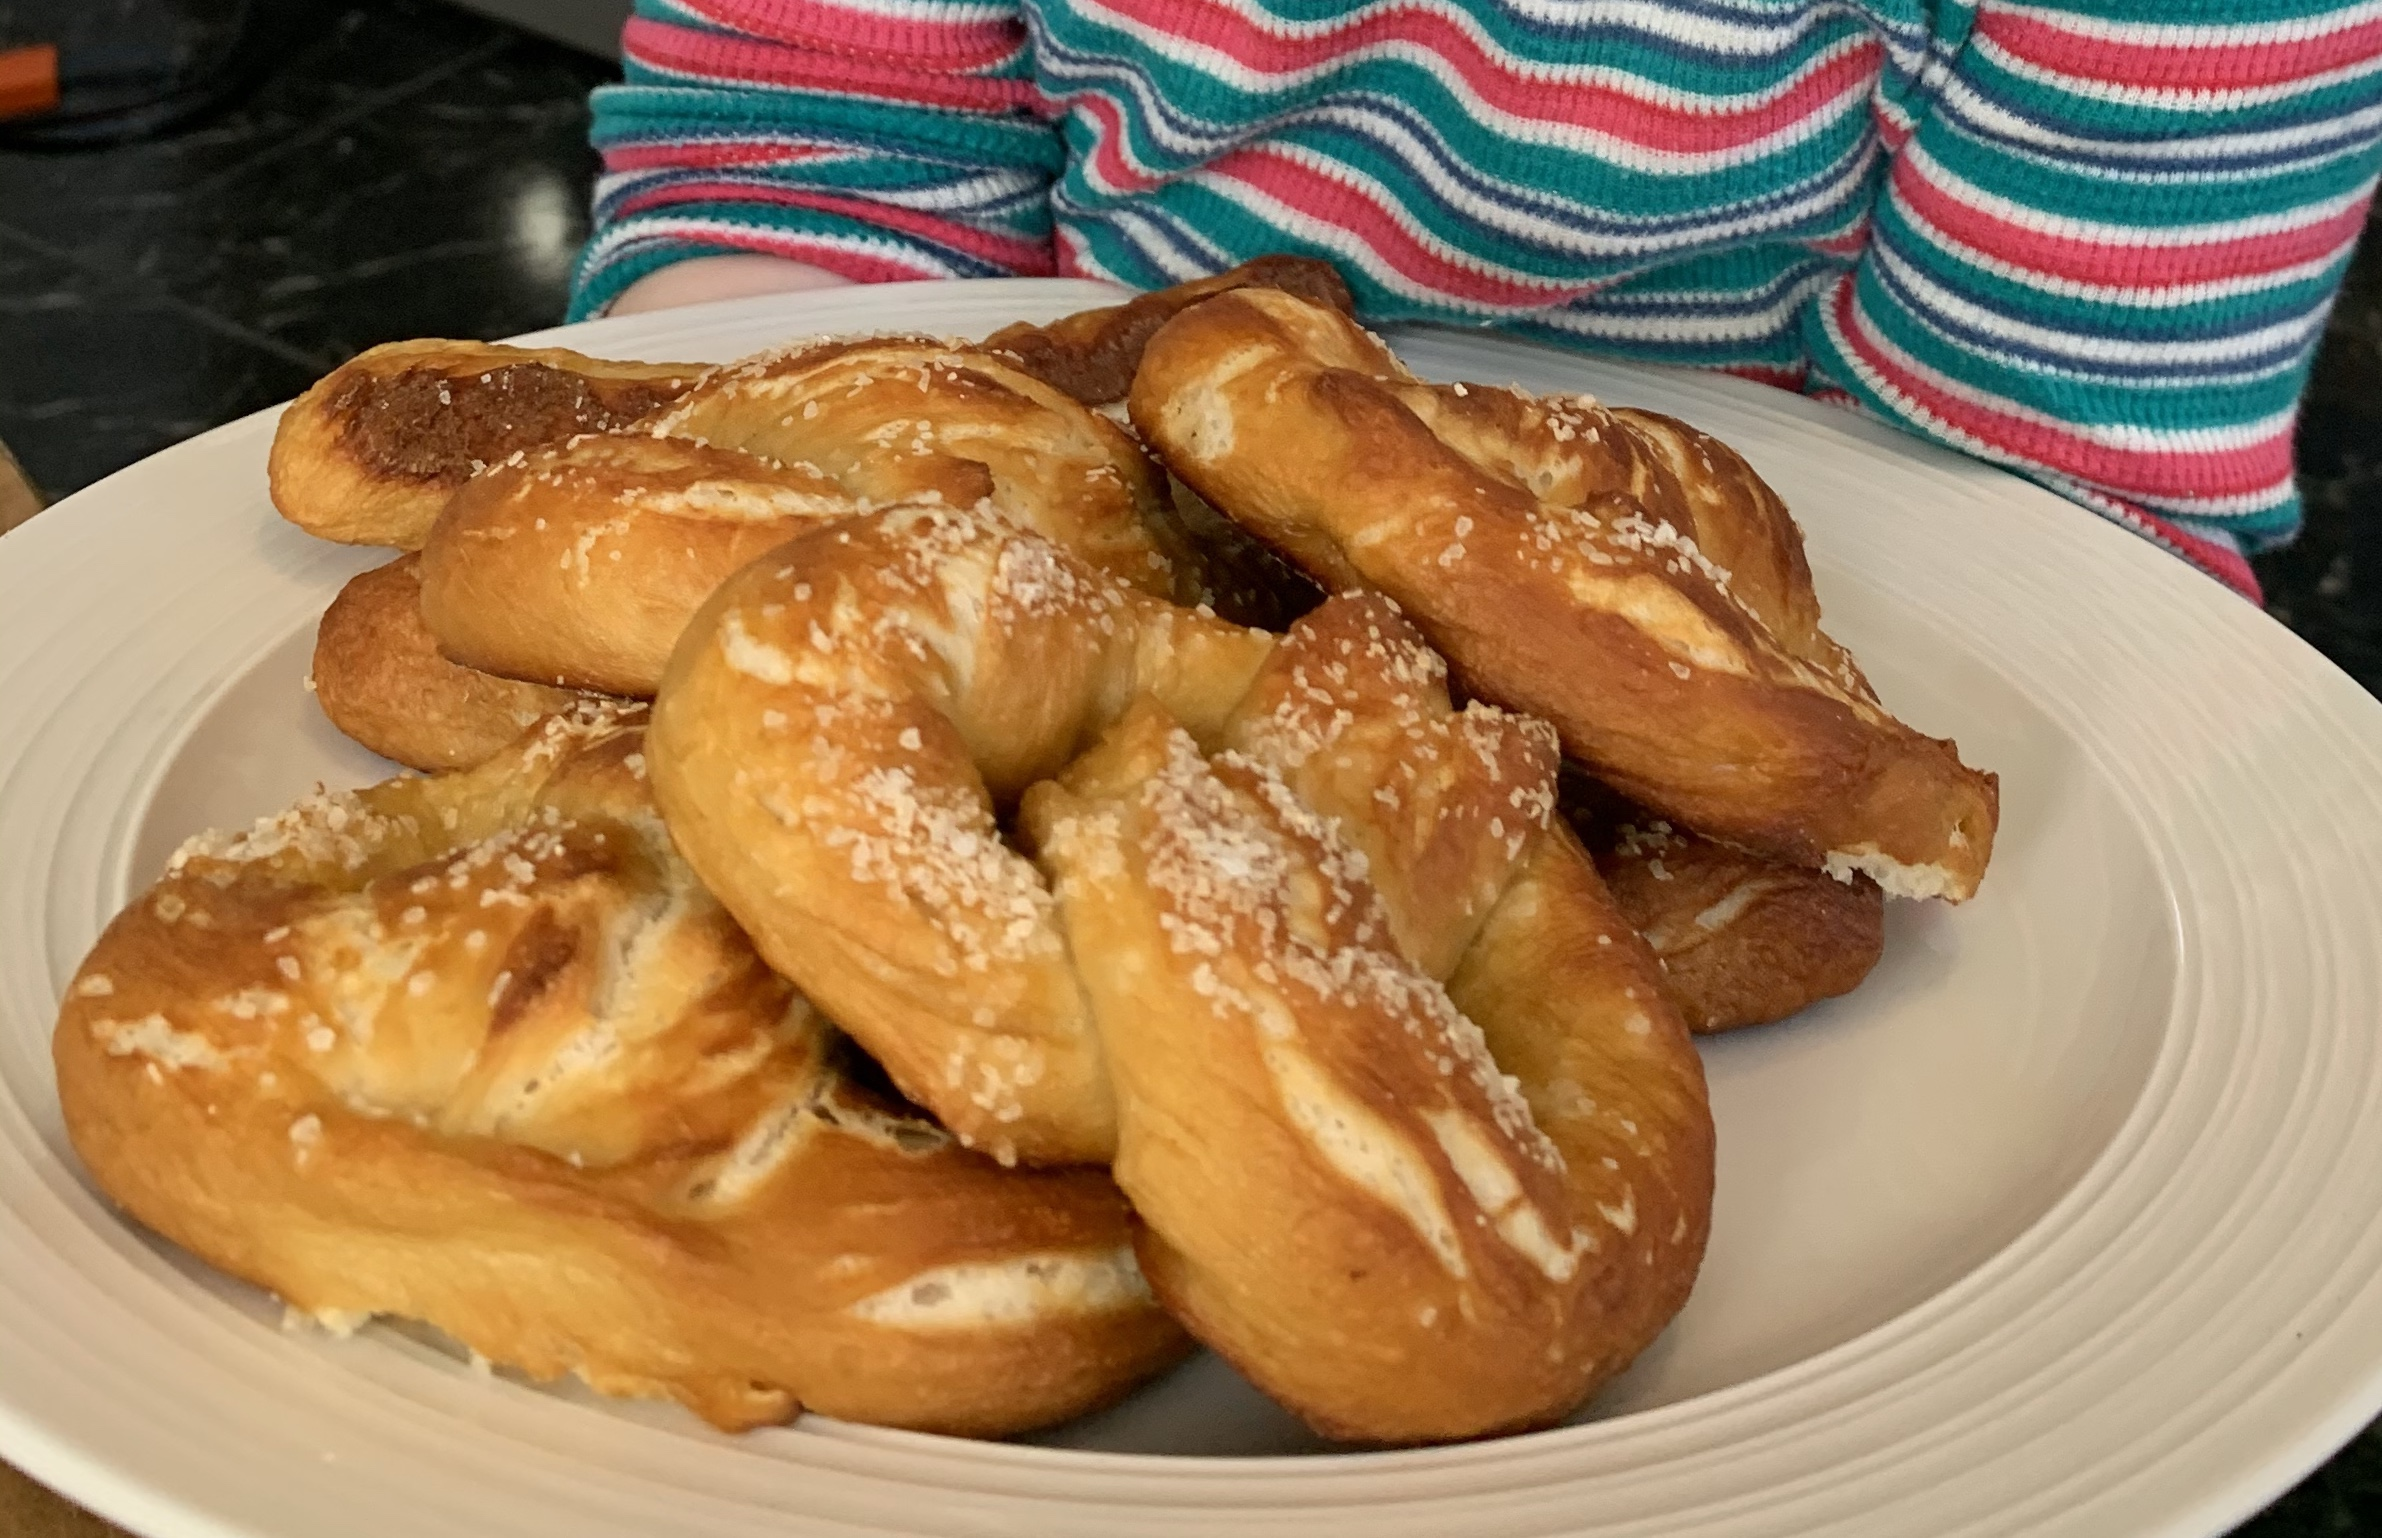 Tray of pretzels